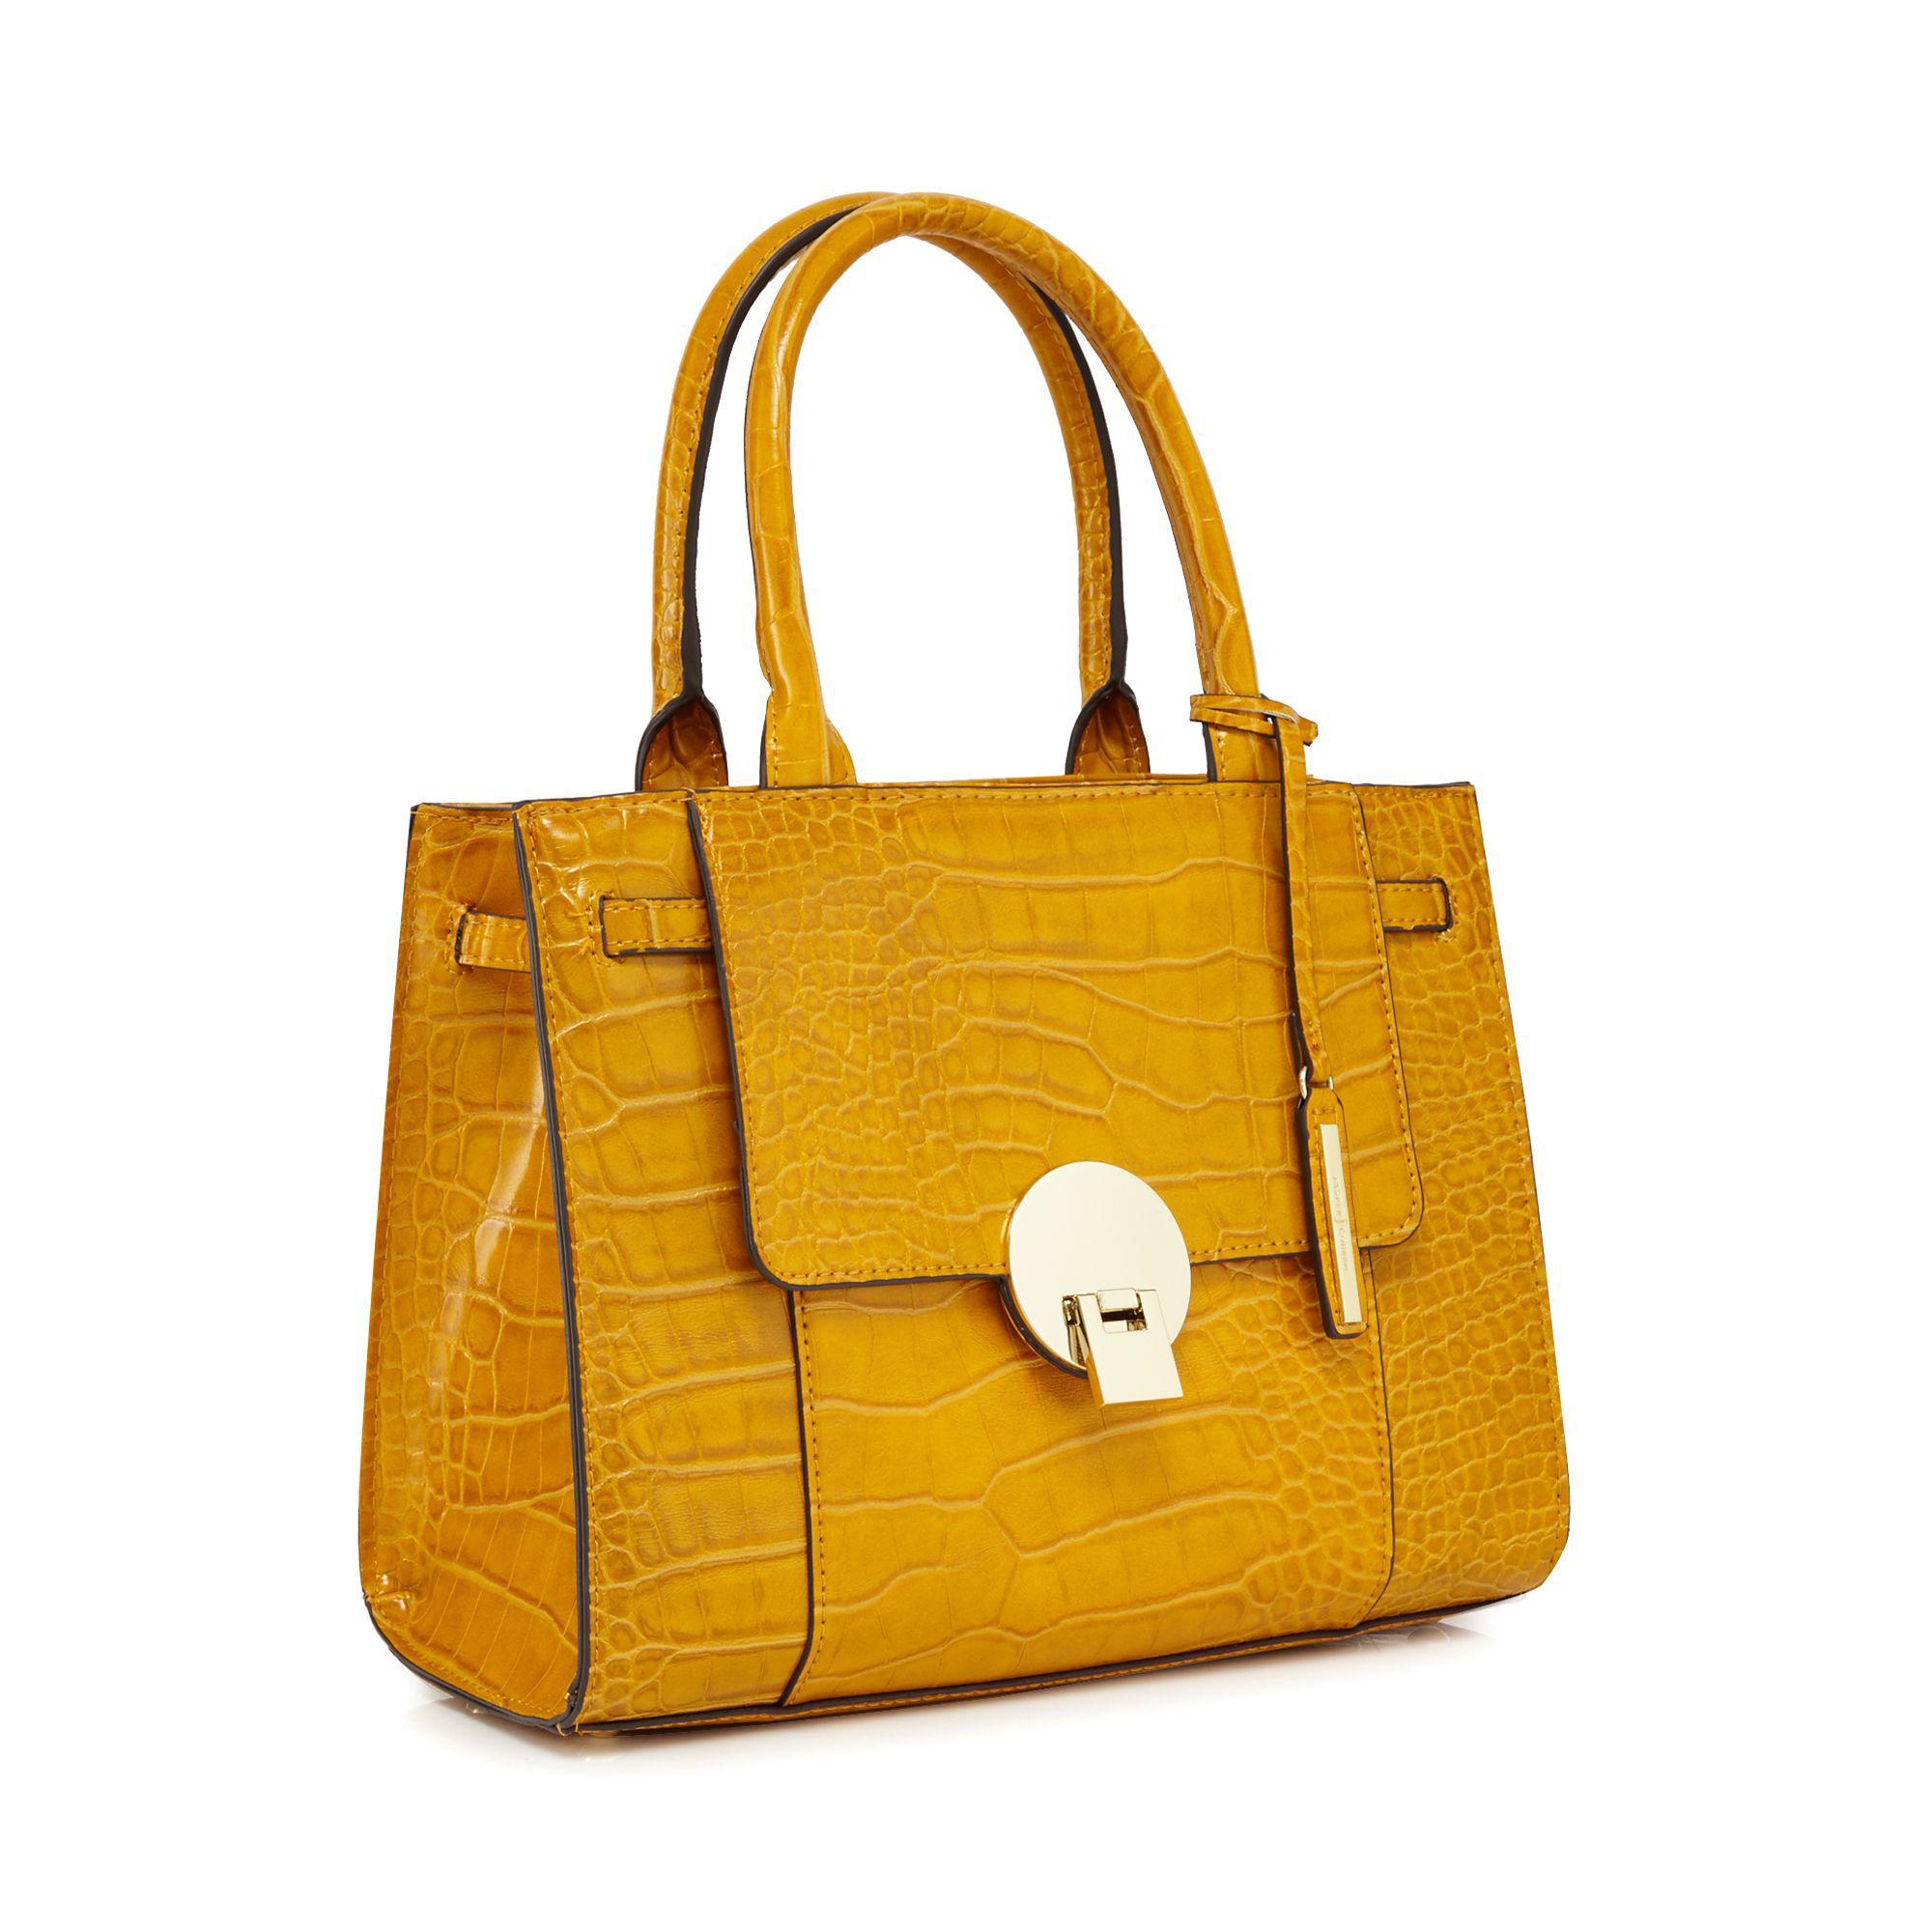 b695977b398b J By Jasper Conran Mustard Croc Effect Small Grab Bag in Yellow - Lyst